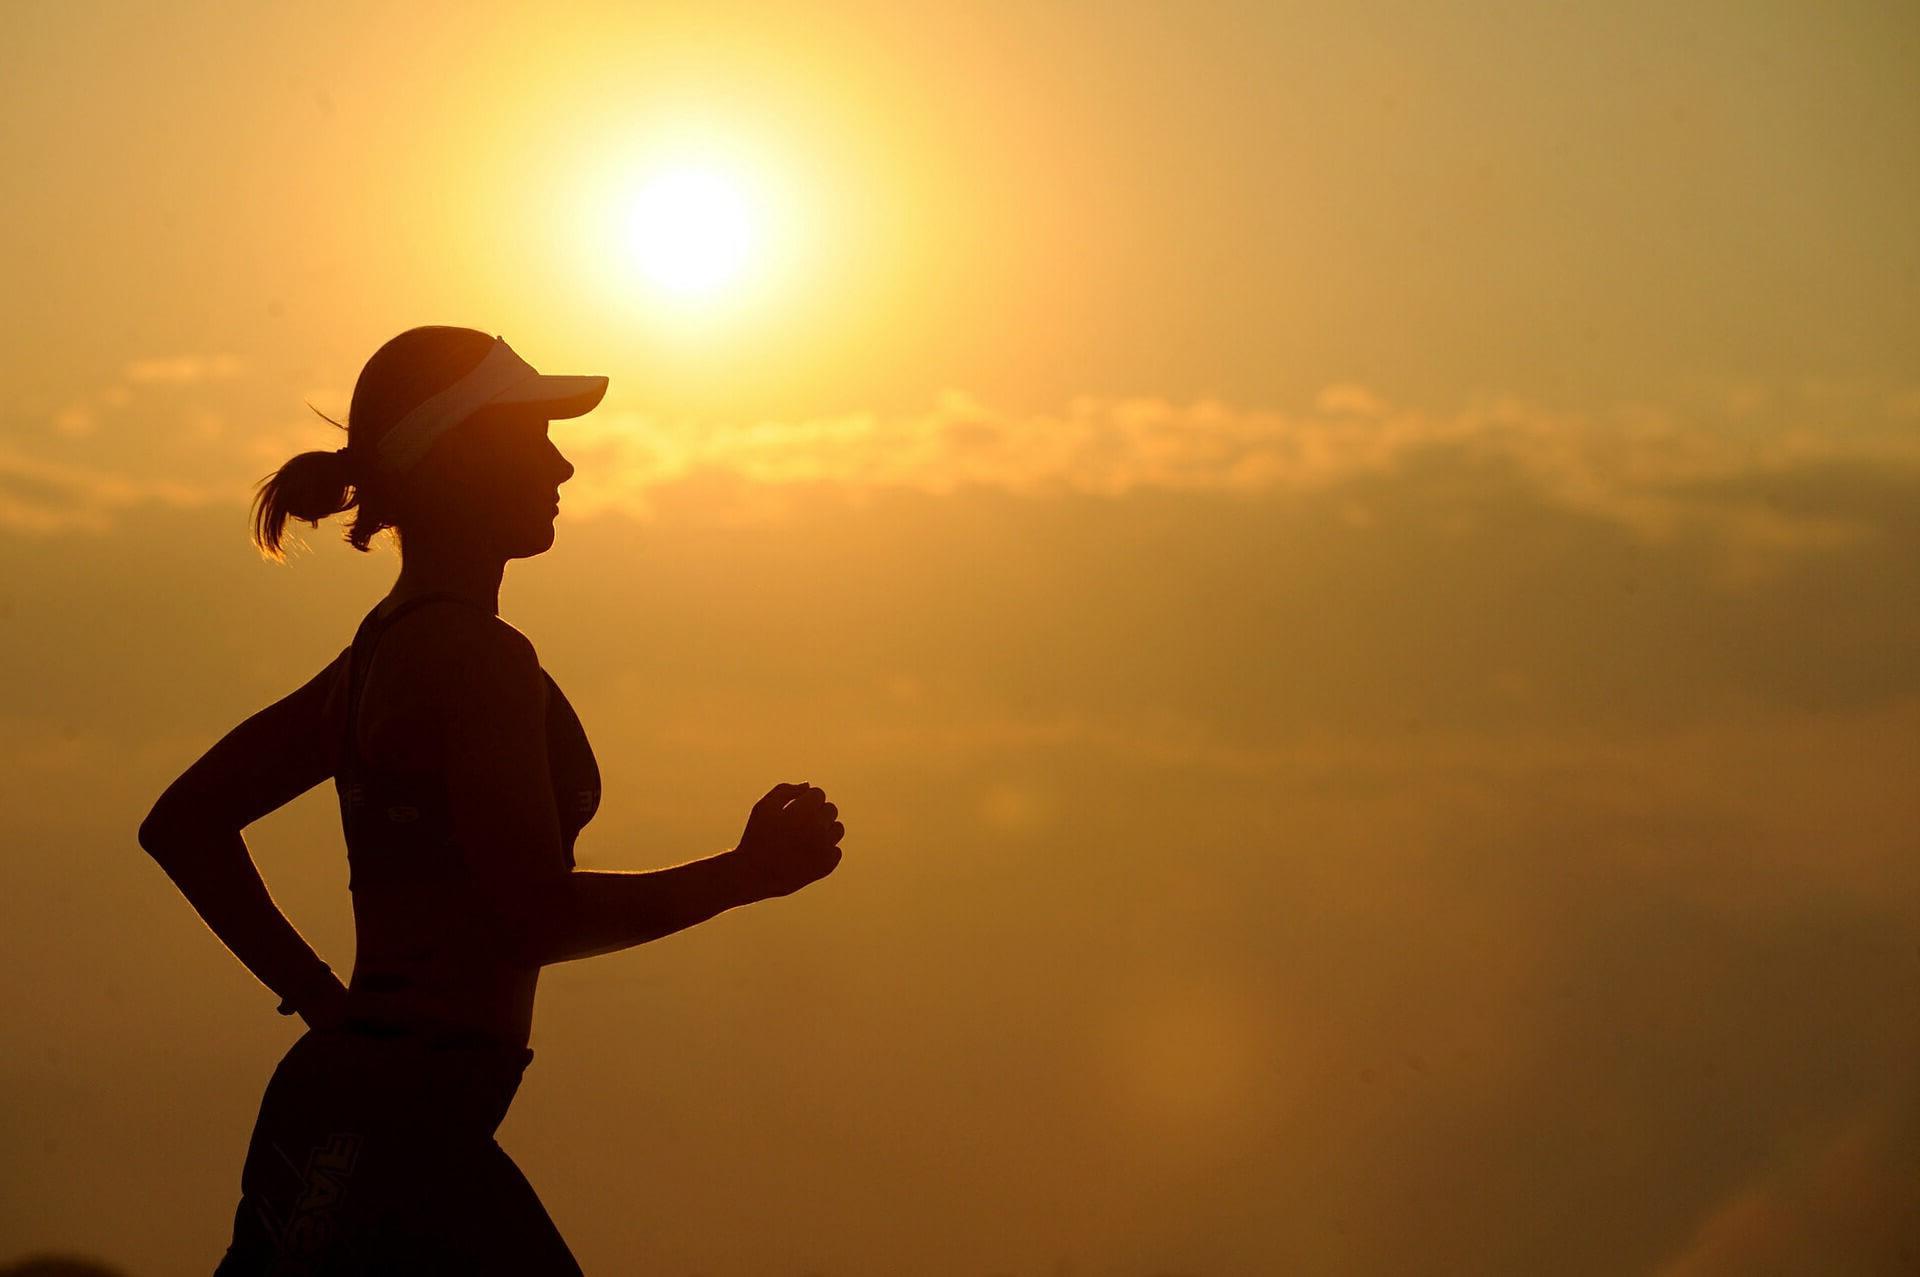 женщина, Бегун, Упражнение, Запуск, Солнце, Закат, тень - Обои HD - Профессор falken.com